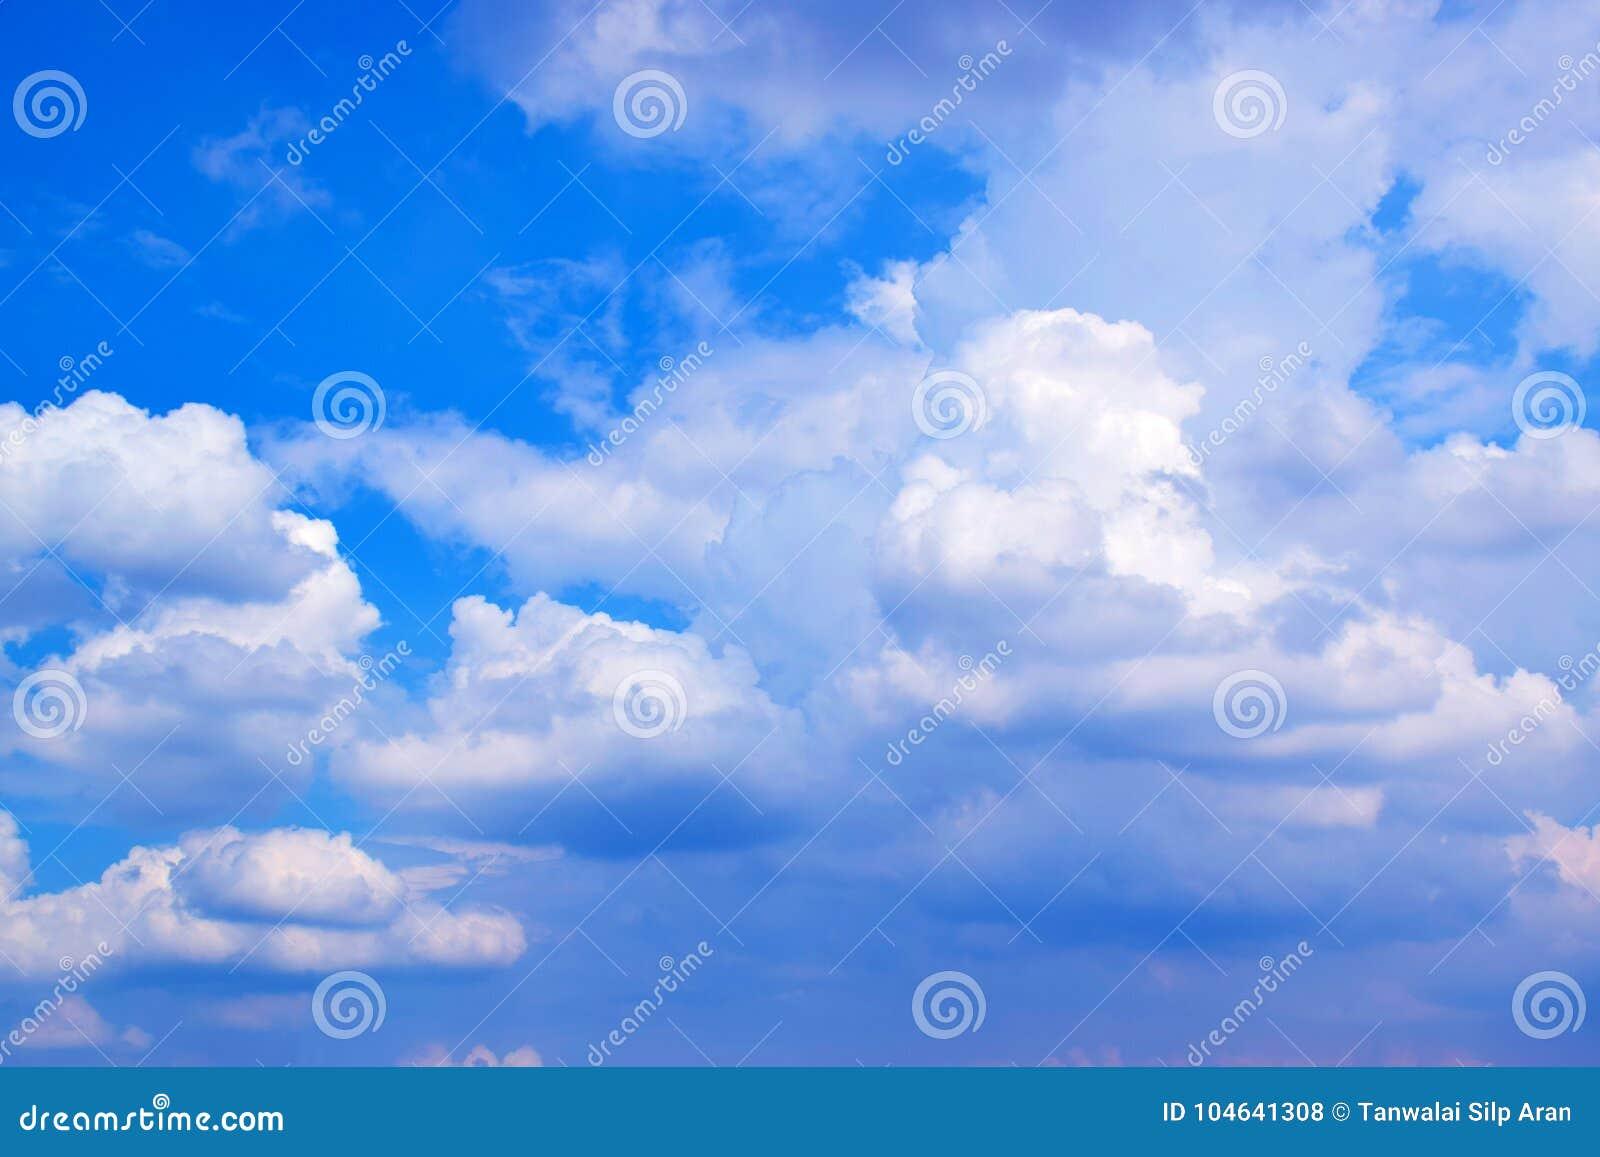 Download Blauwe Achtergrond 171019 0196 Van Hemel Witte Wolken Stock Foto - Afbeelding bestaande uit nave, schoonheid: 104641308